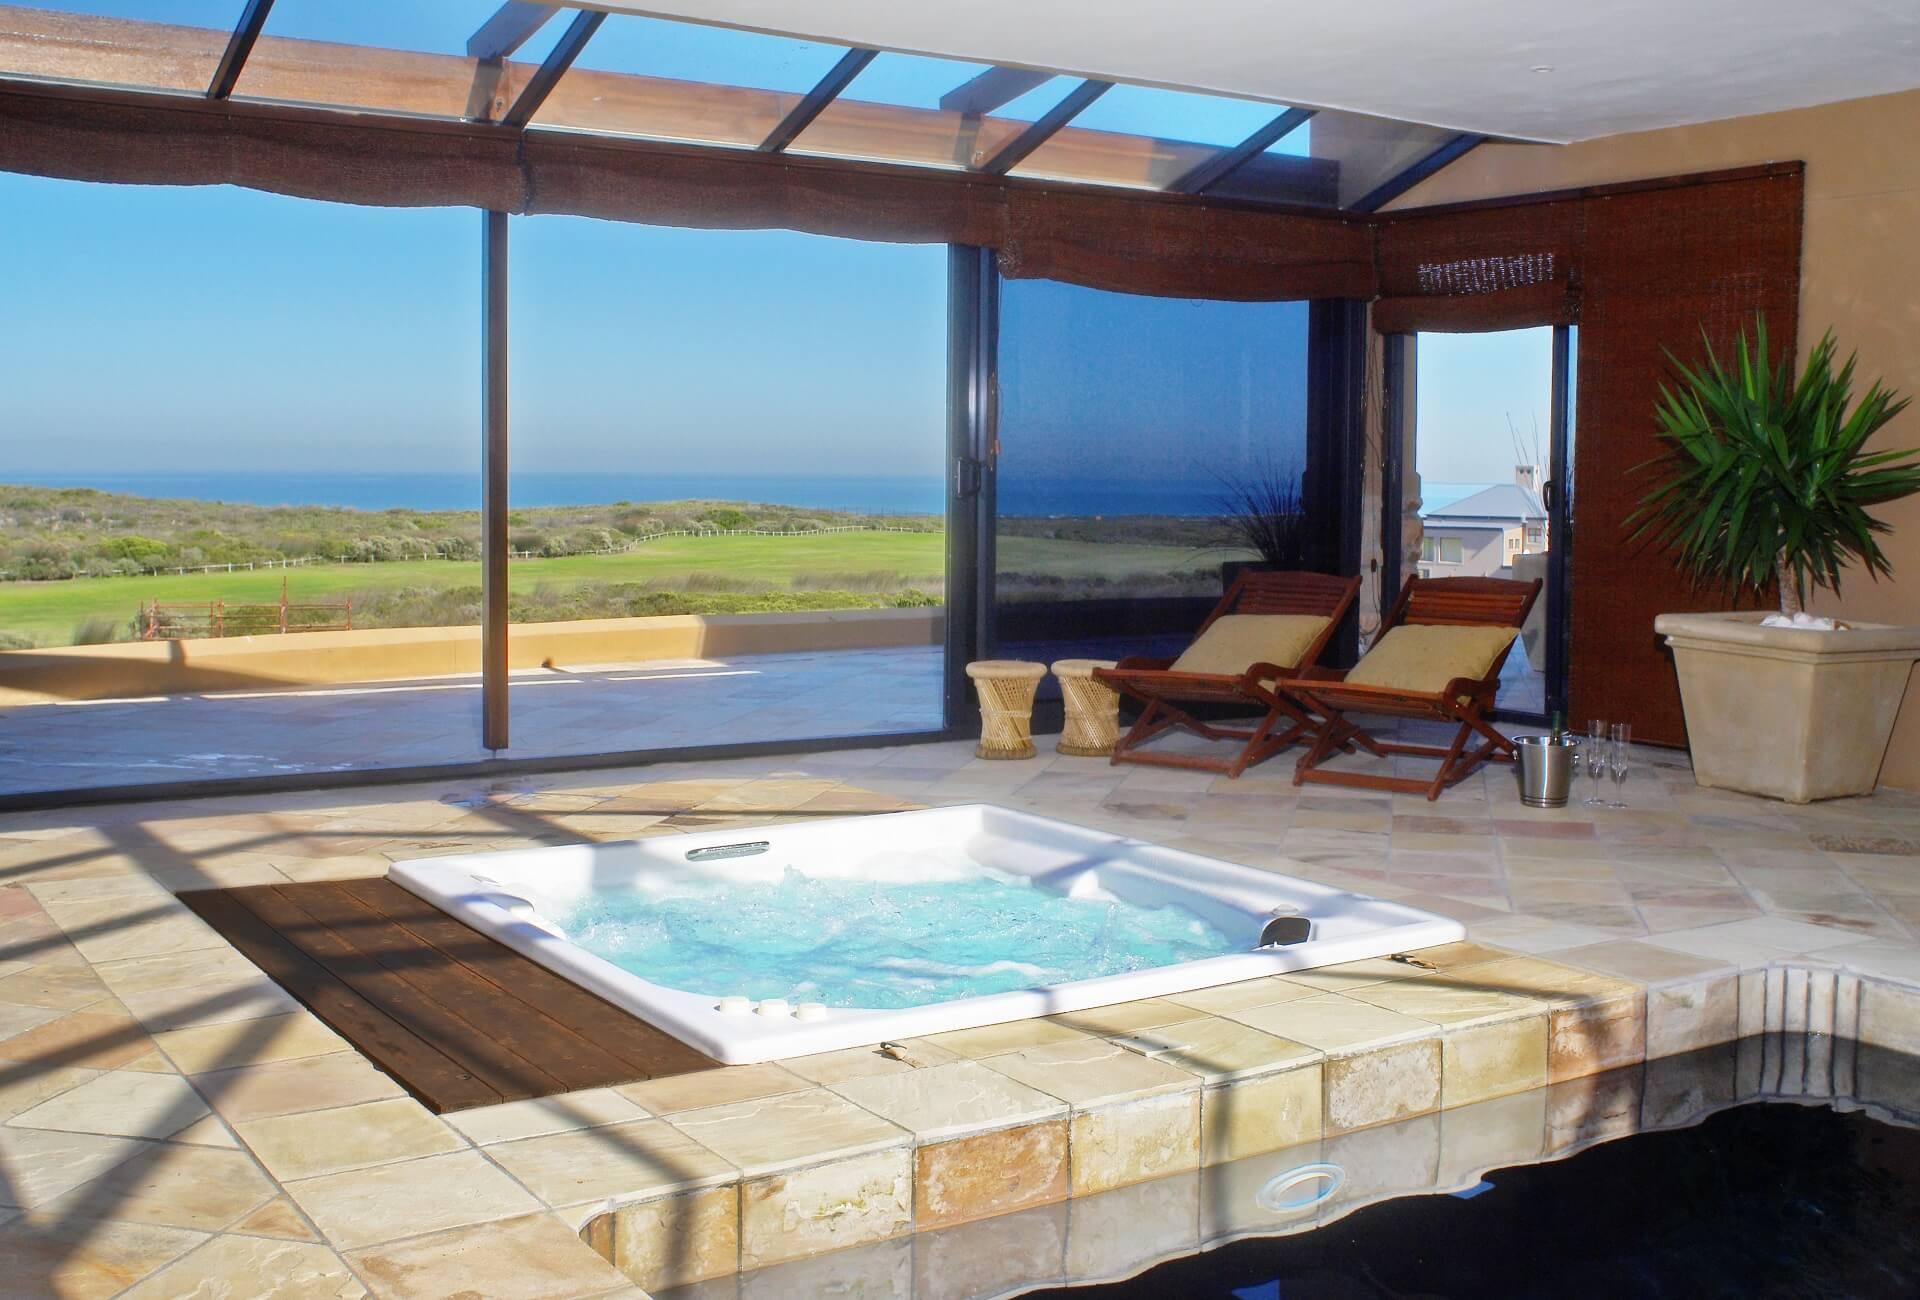 luxury accommodation with jacuzzi